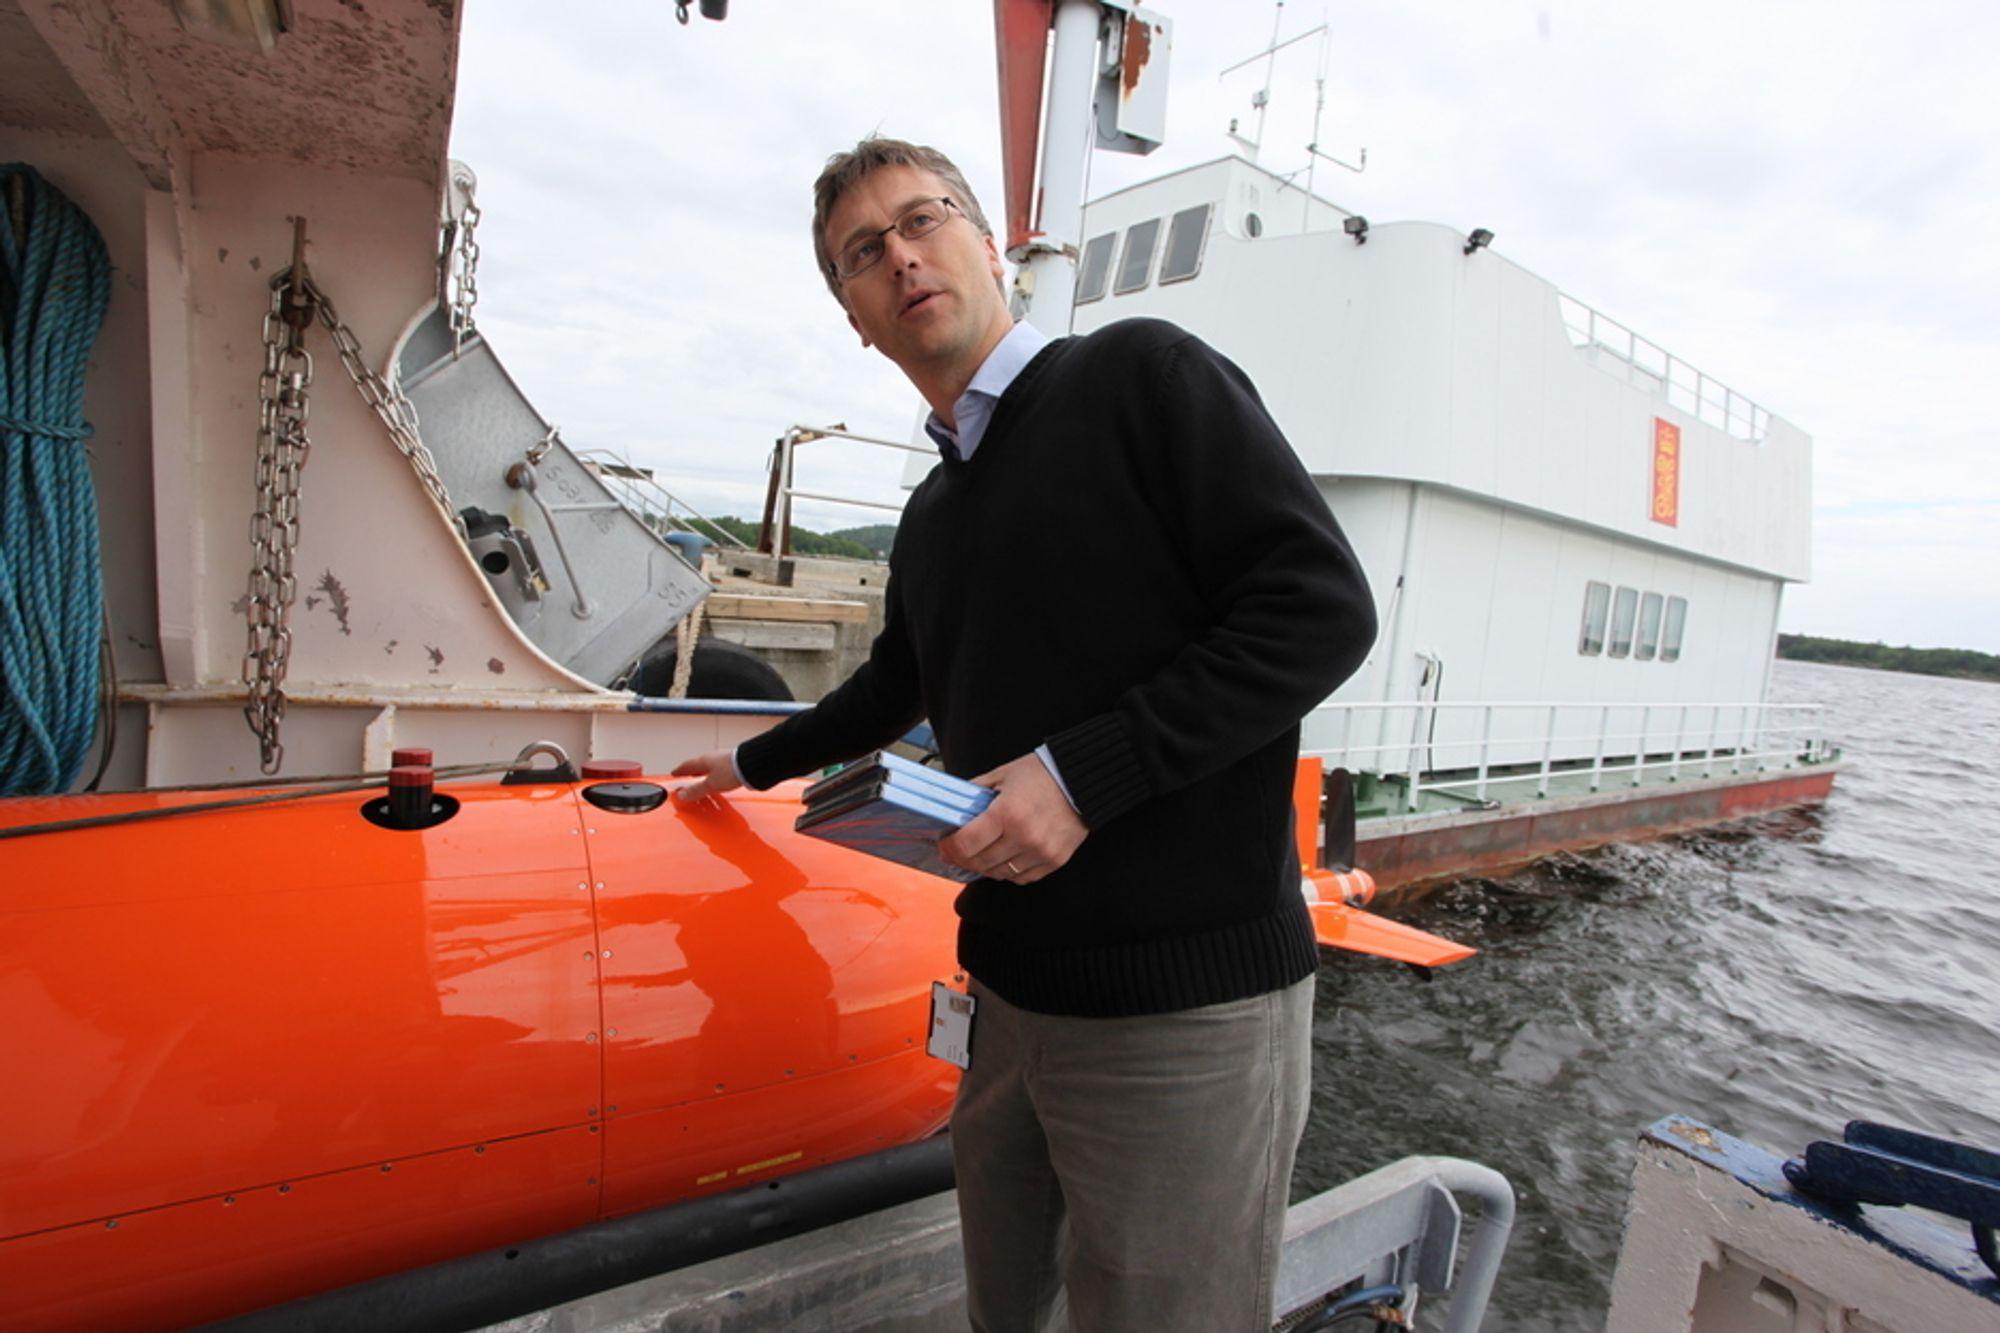 AUTONOM: Bjørn Jalving har vært med på utviklingen av Hugin siden starten av 1990-tallet. Nå håper han farkosten er autonom nok til å dykke under pol-isen.